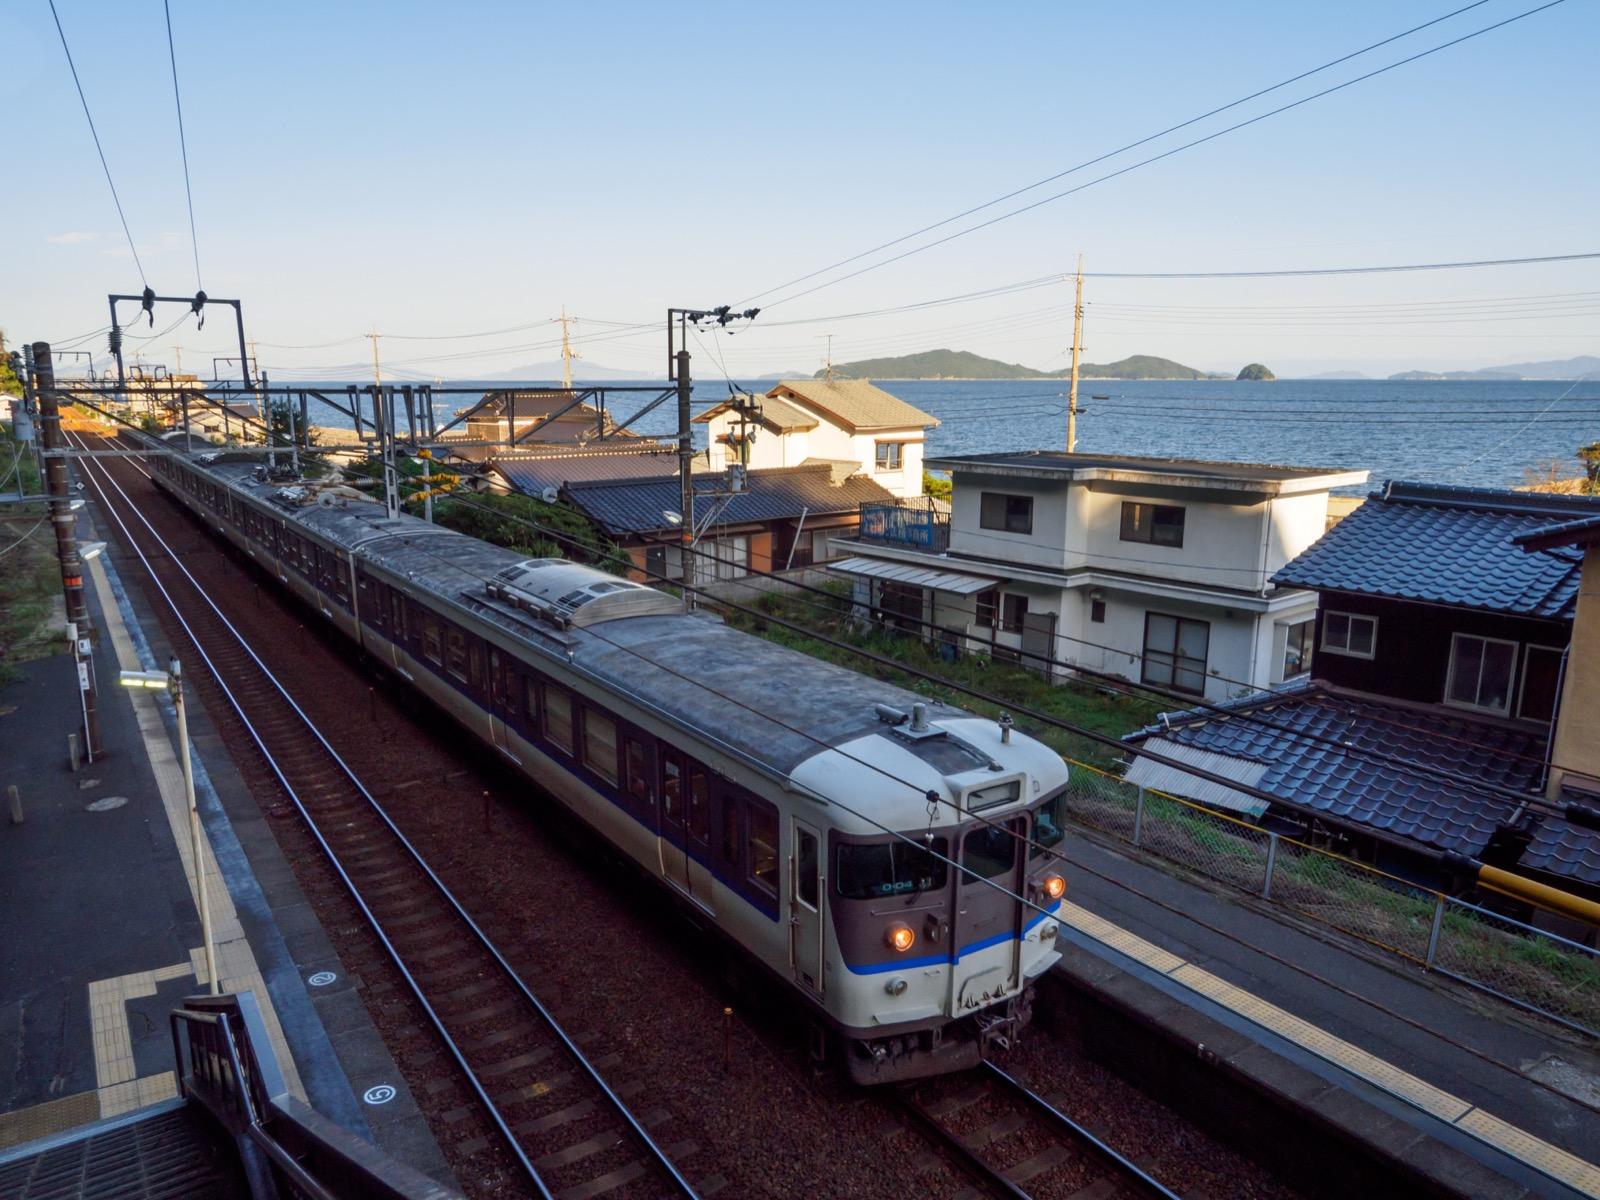 神代駅の跨線橋から見たホームと瀬戸内海